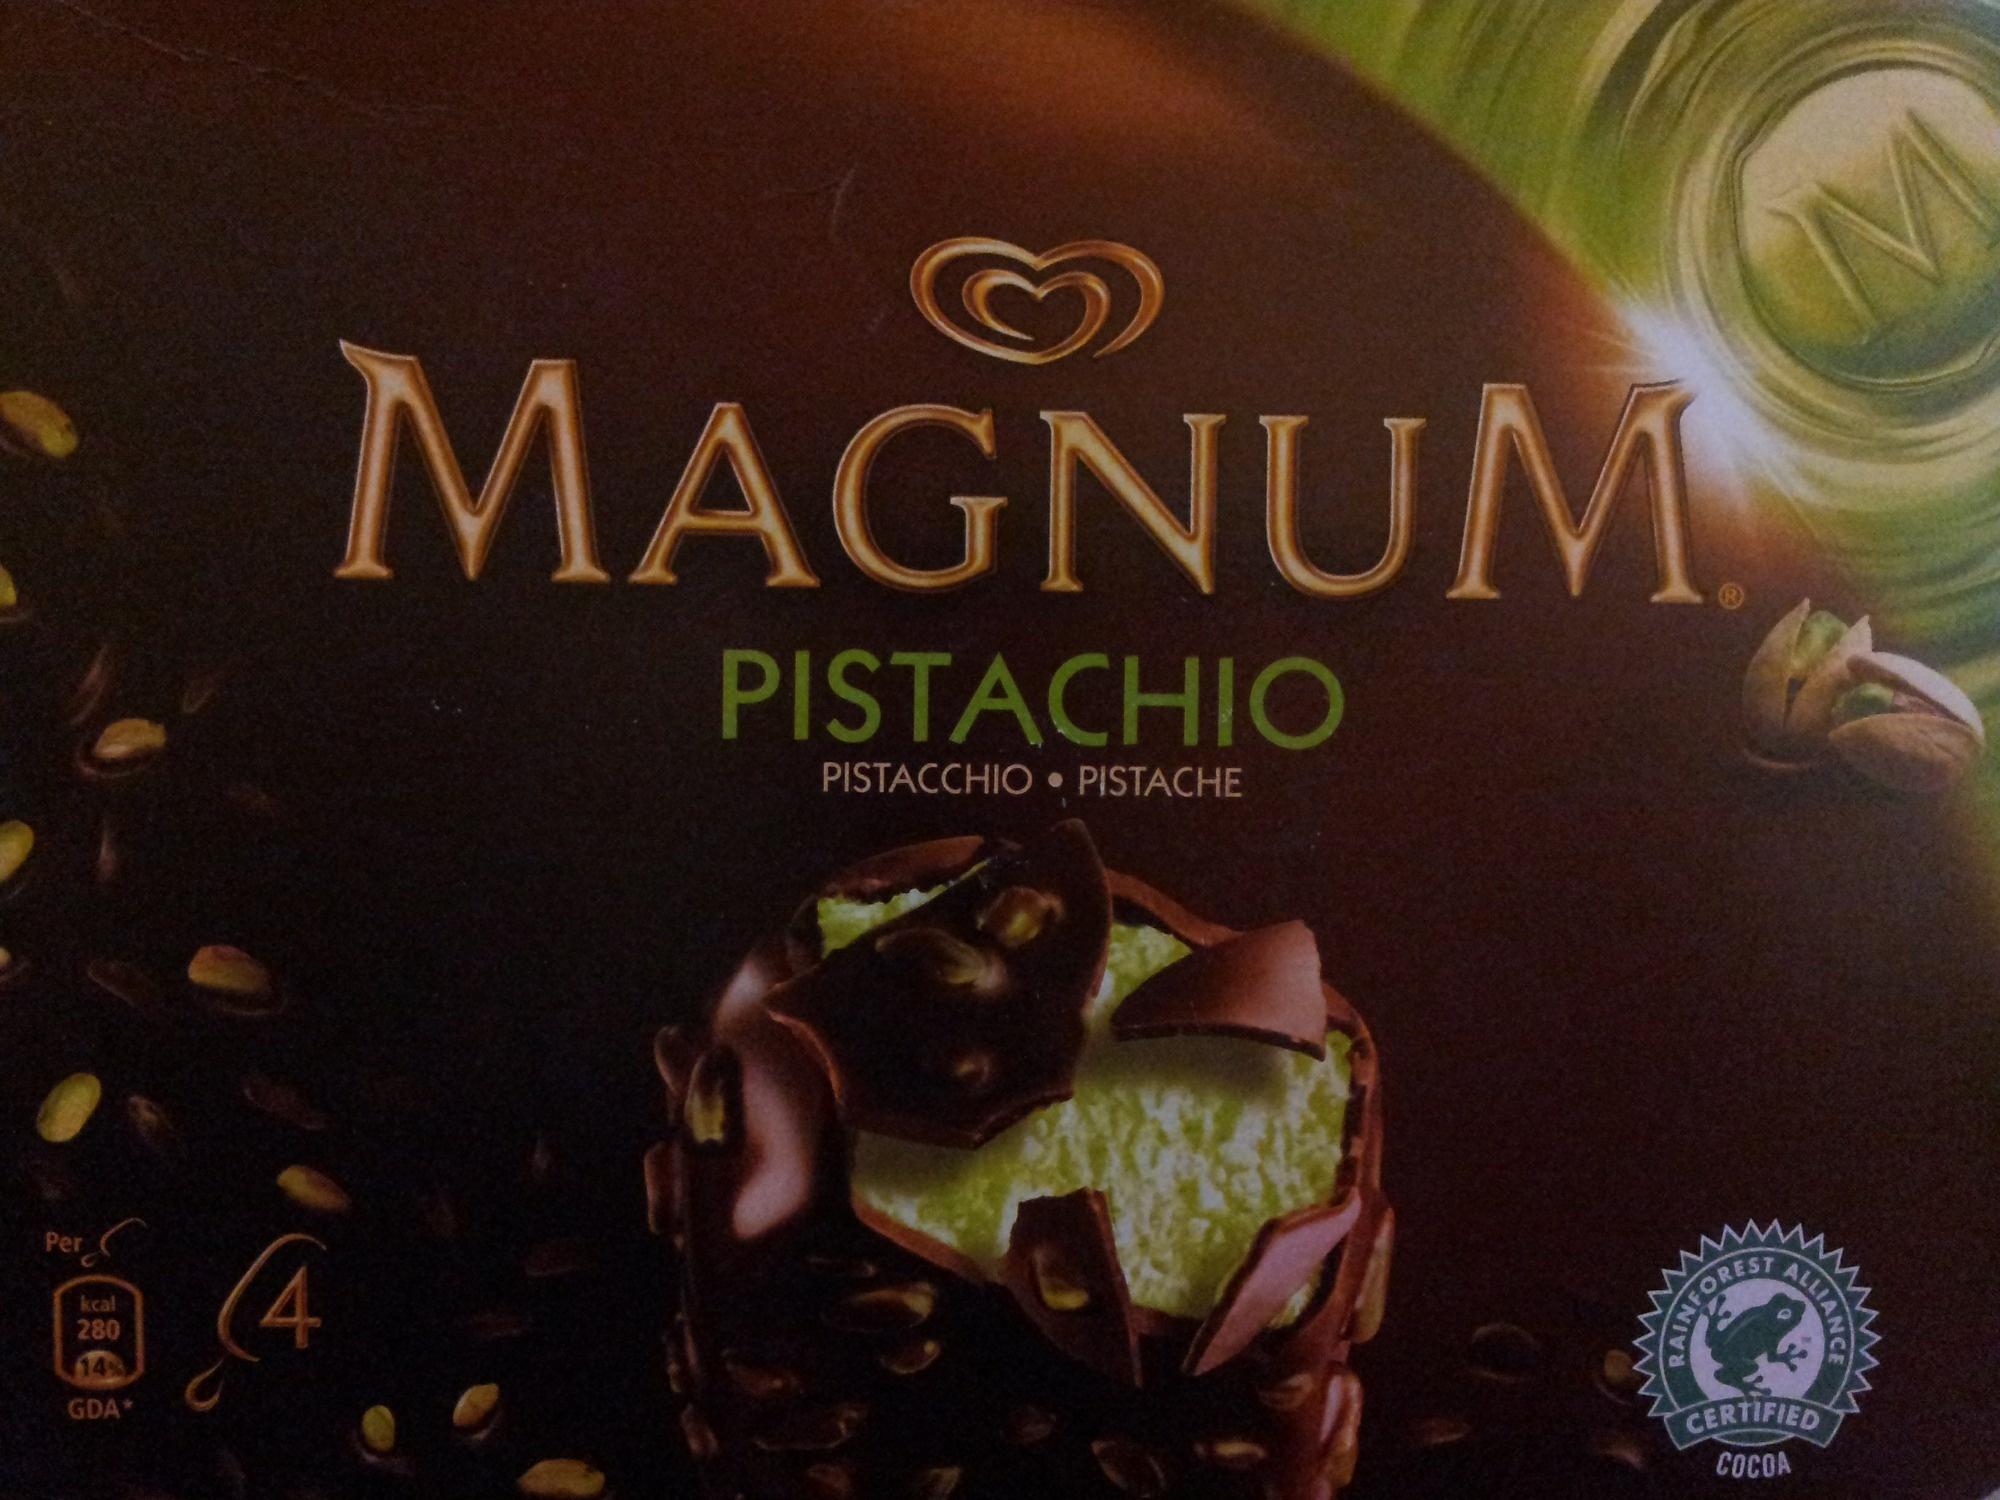 Magnum Pistachio - Product